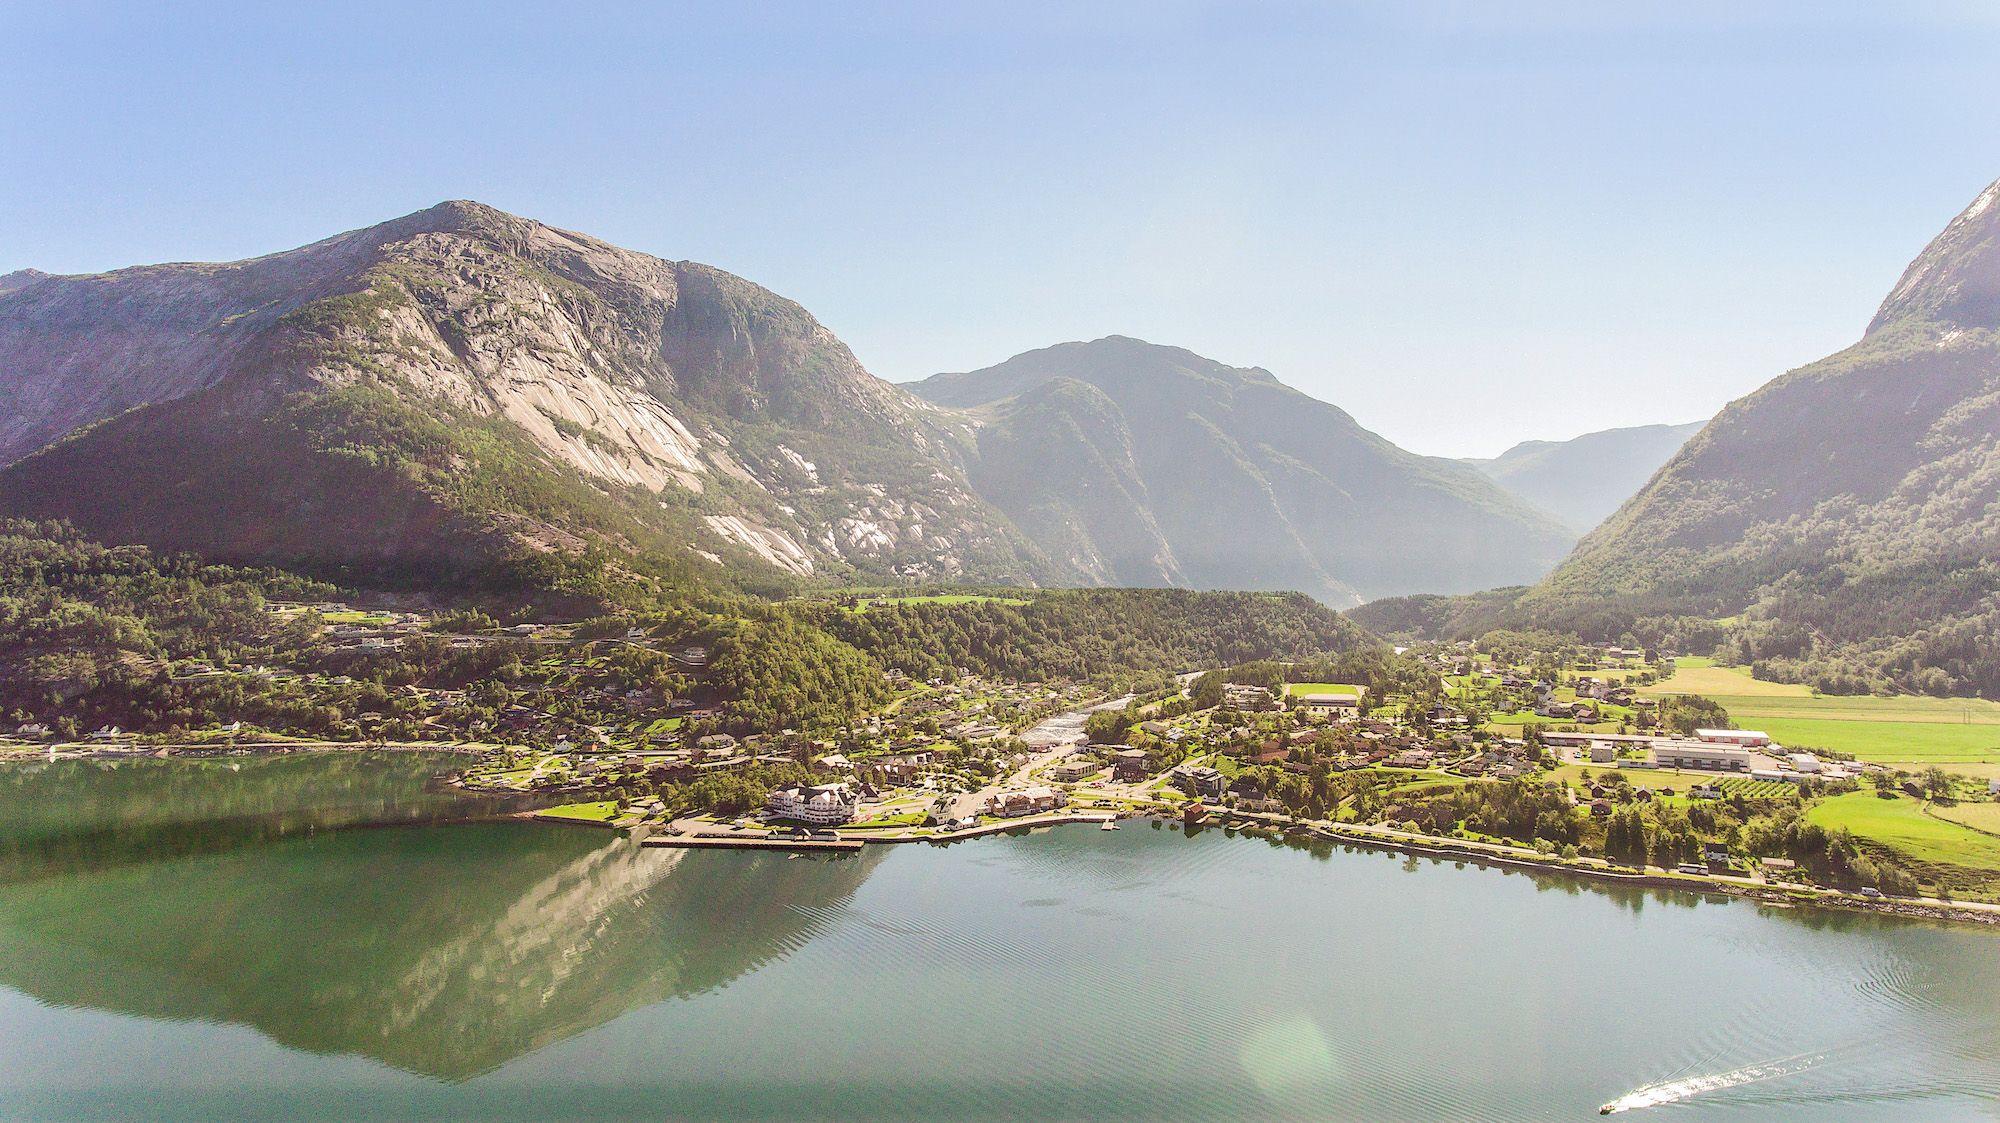 Impressions of Europe - Eidfjord